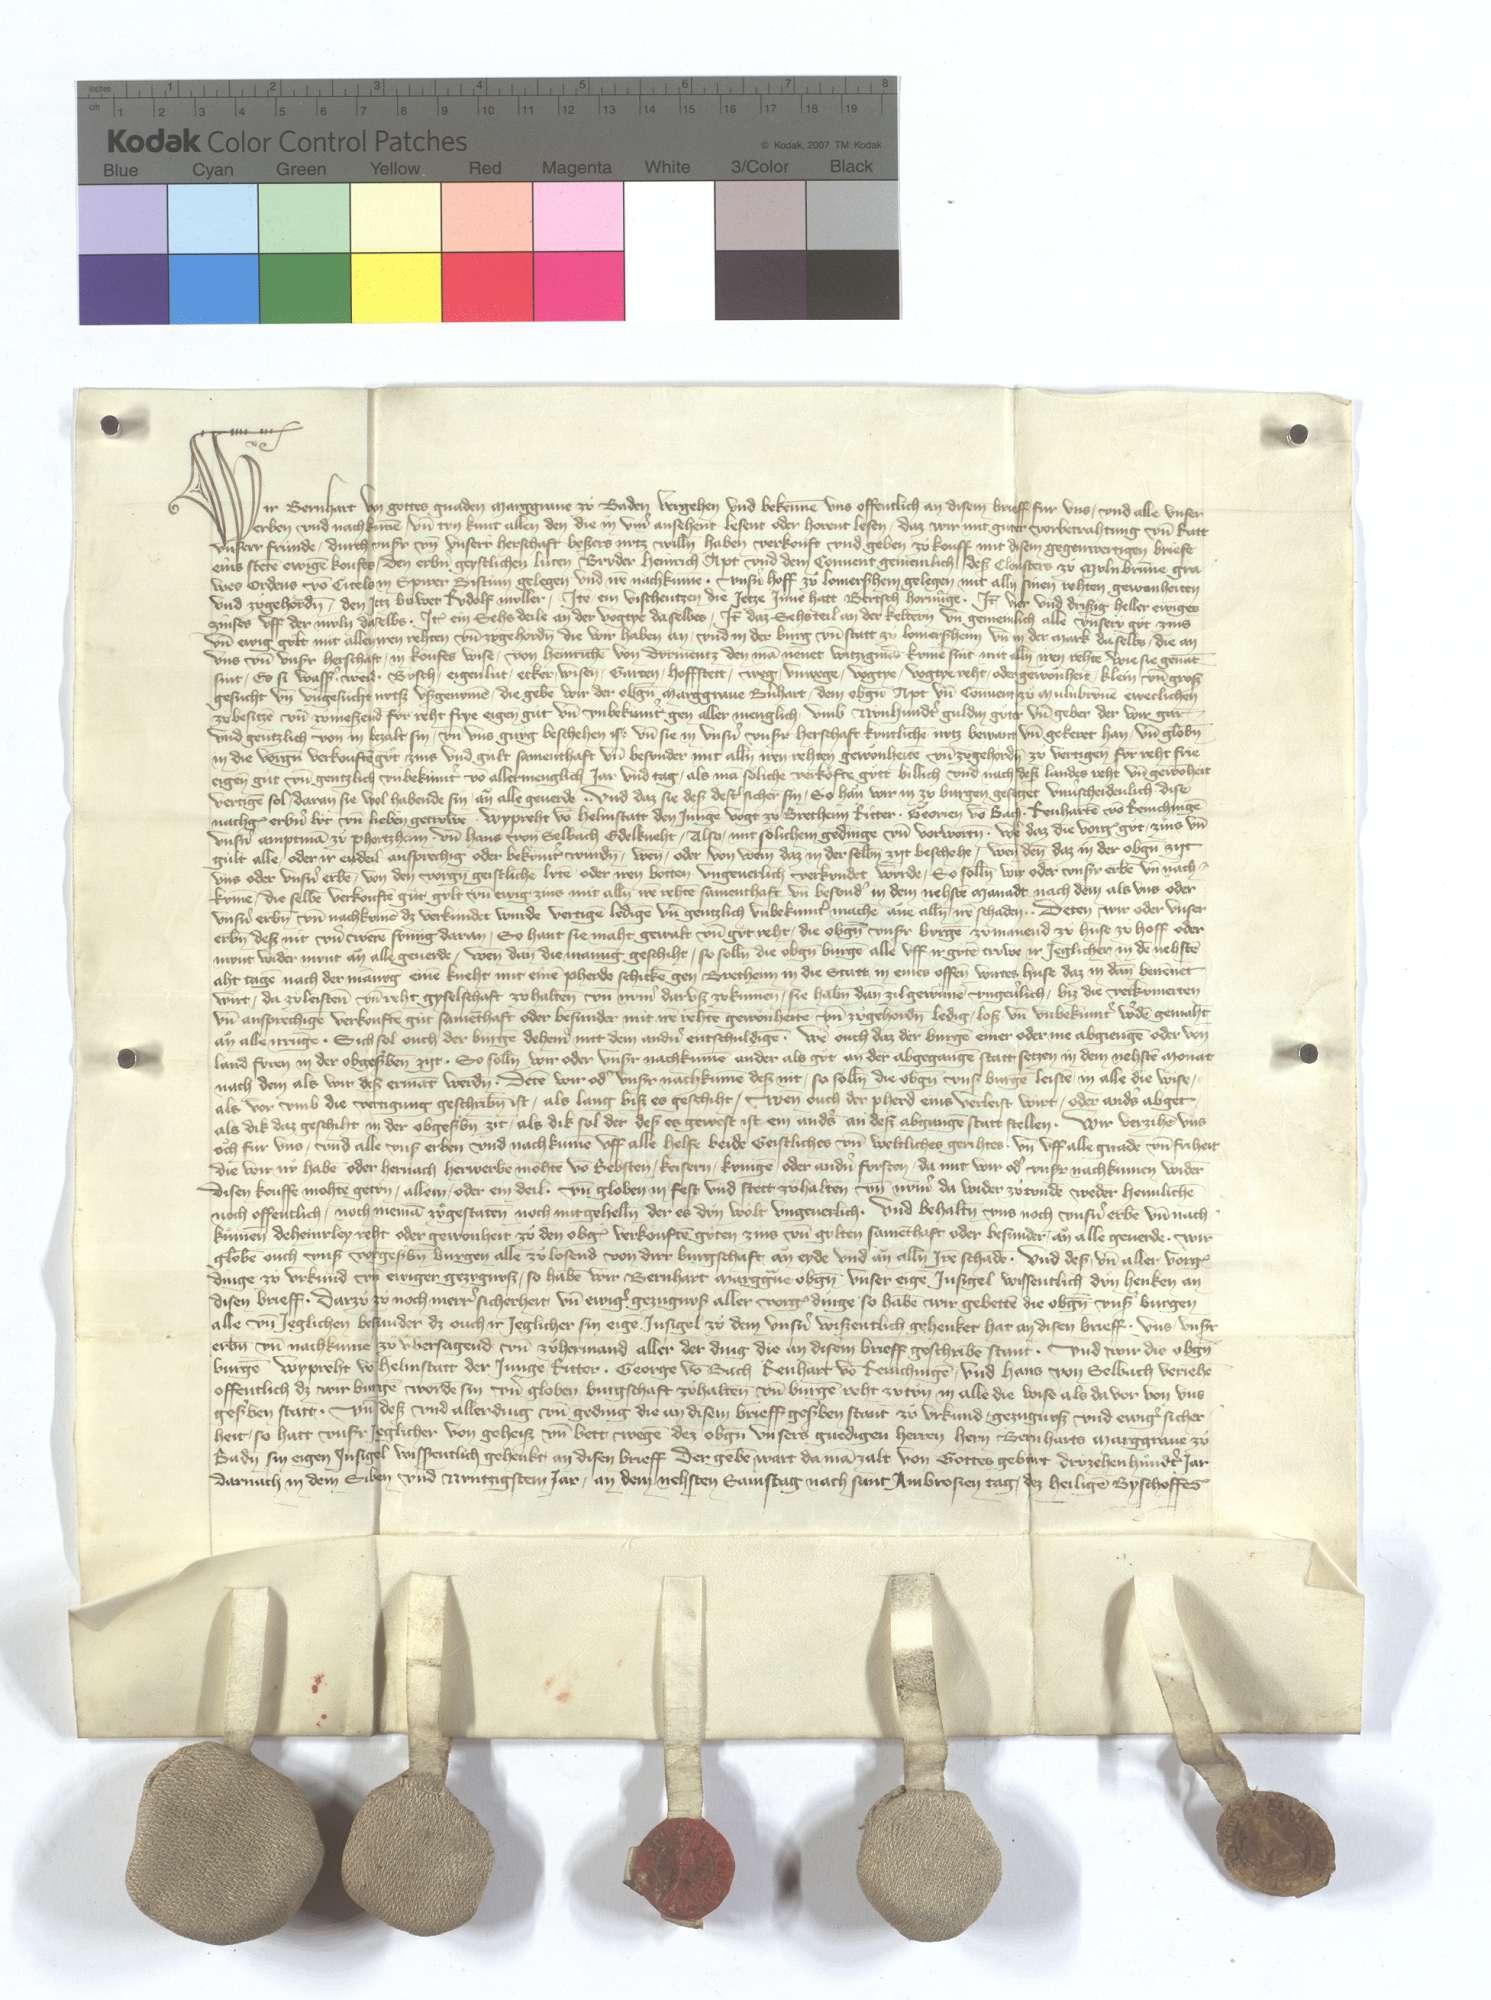 Markgraf Bernhard (I.) von Baden hat dem Kloster Maulbronn seinen Hof, Fischerei, Gülten, Güter und Gerechtsame, die er von Dürrmenz erkauft hat, käuflich überlassen., Text